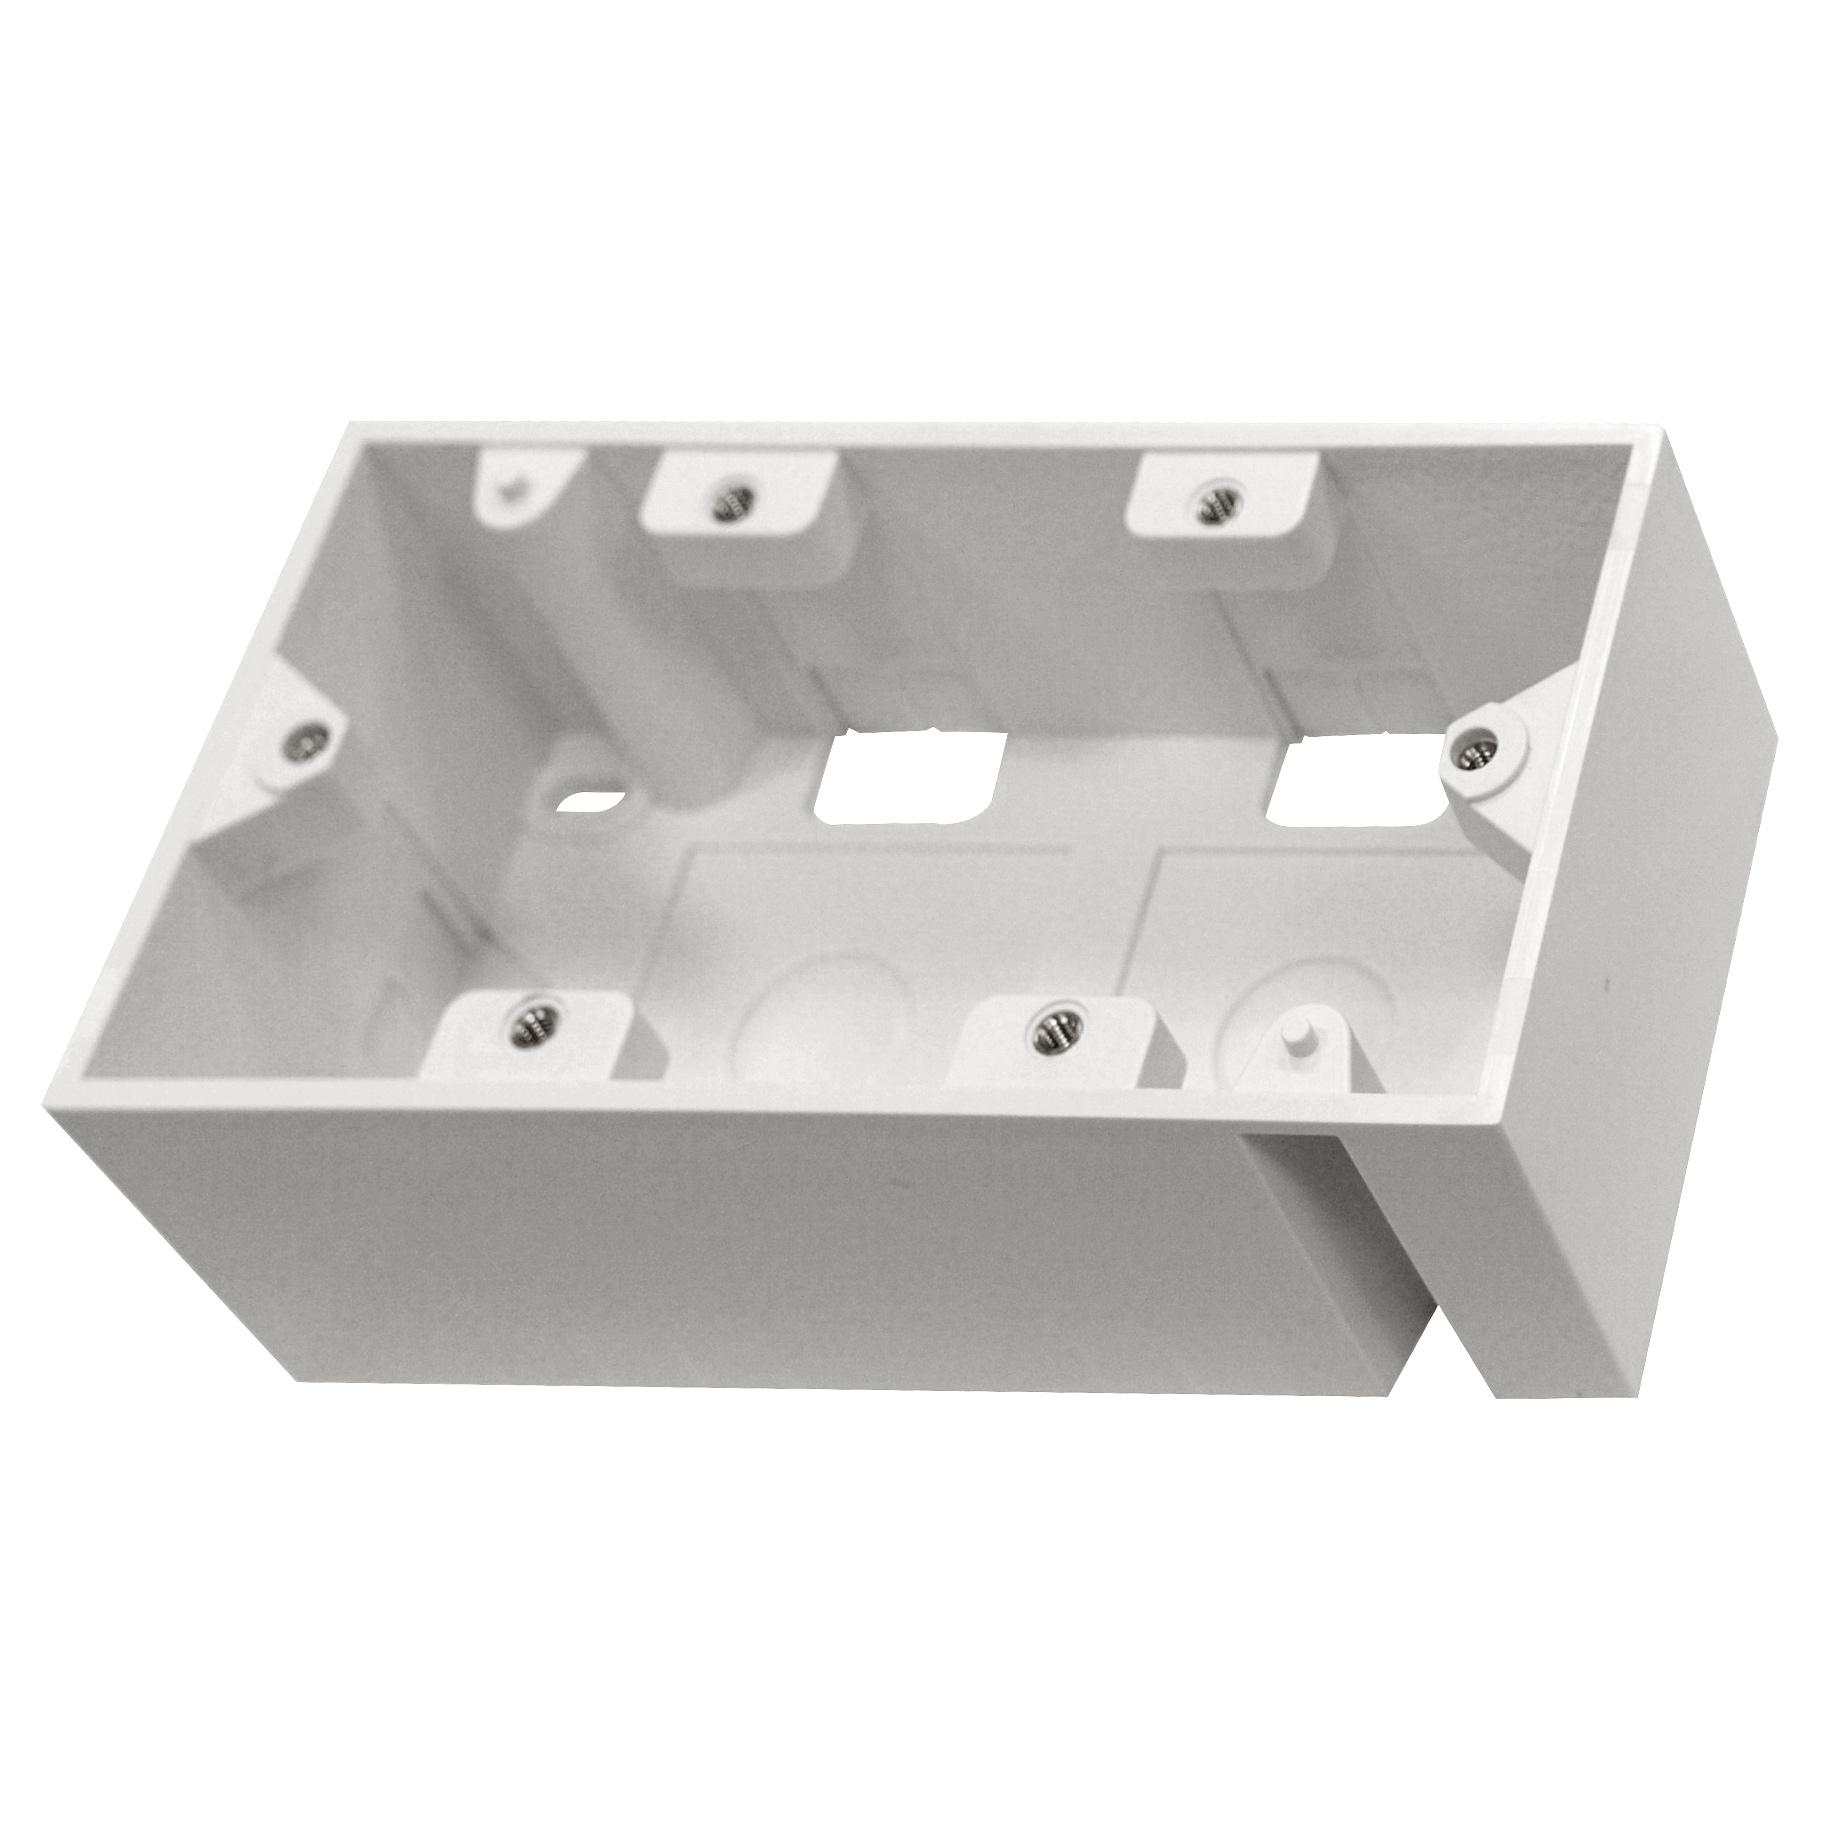 1 Stk Aufputz-Rahmen für HSEMDR4W0F, B148xH45xT80, RAL9010 HSEMAP4W3F